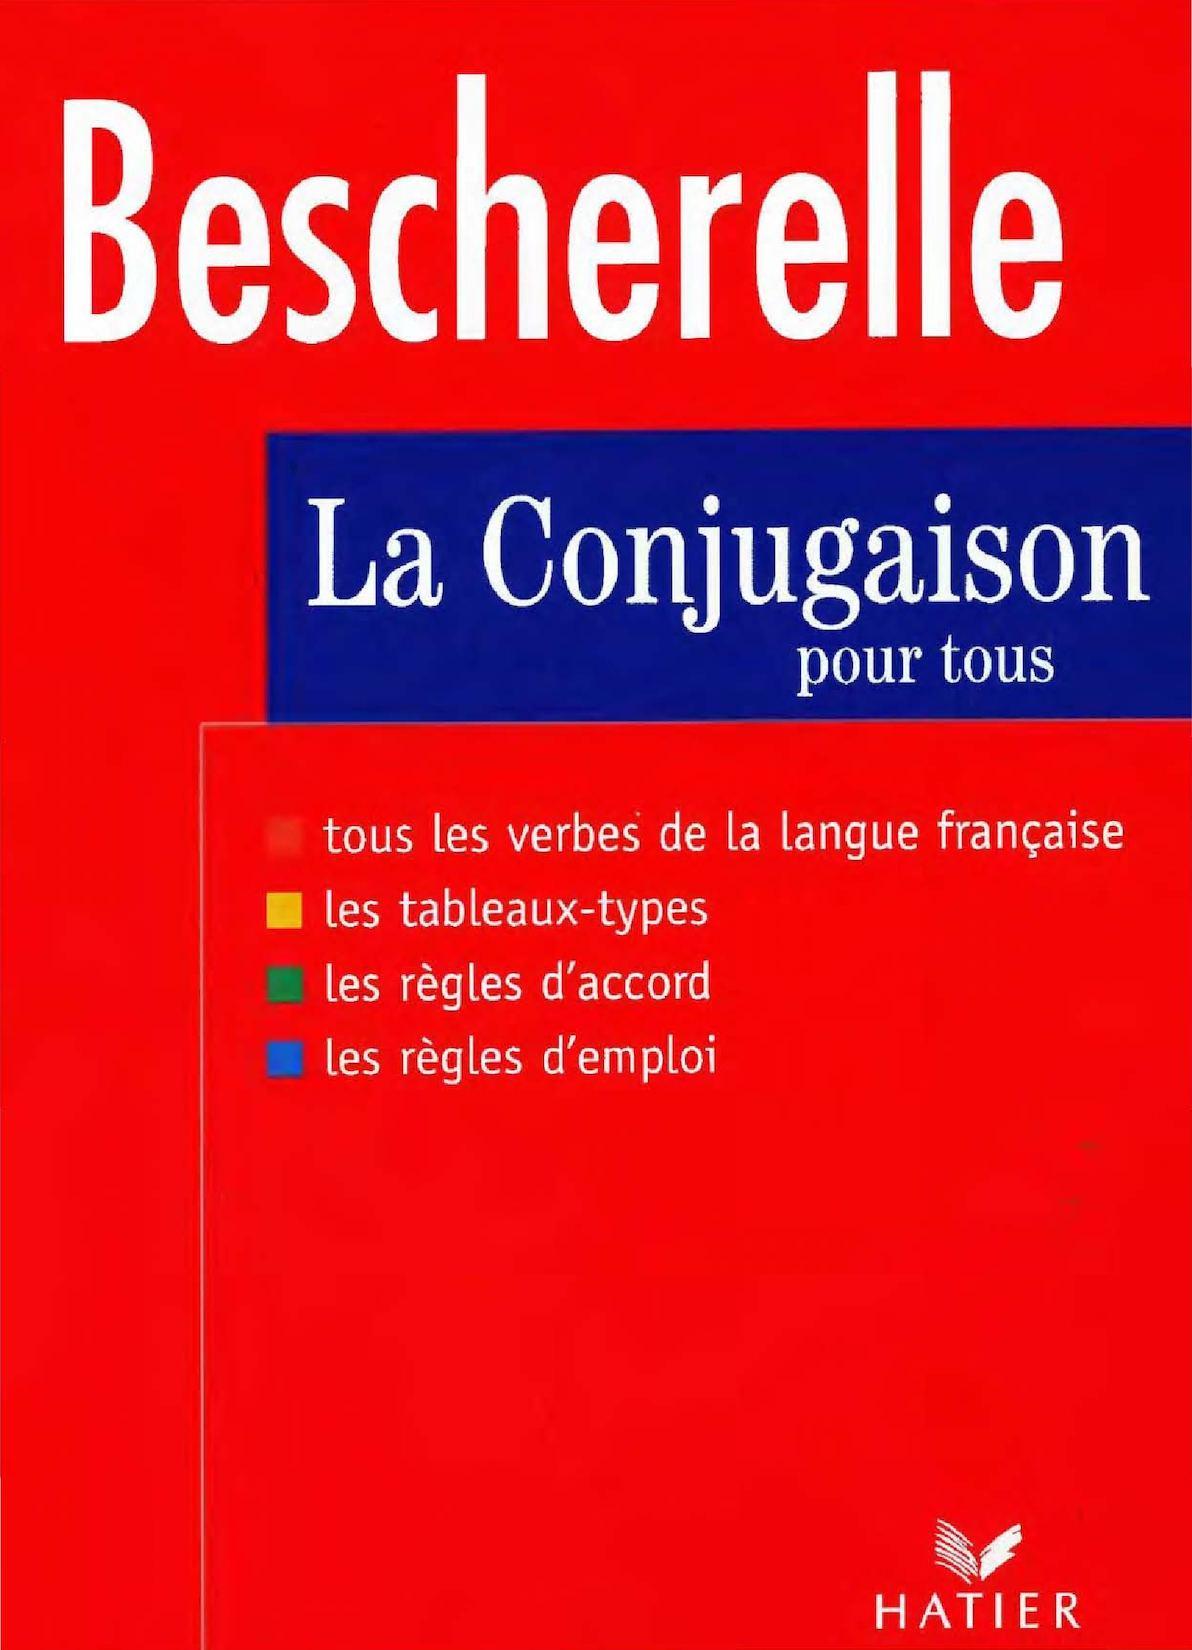 Bescherelle De Conjugaison